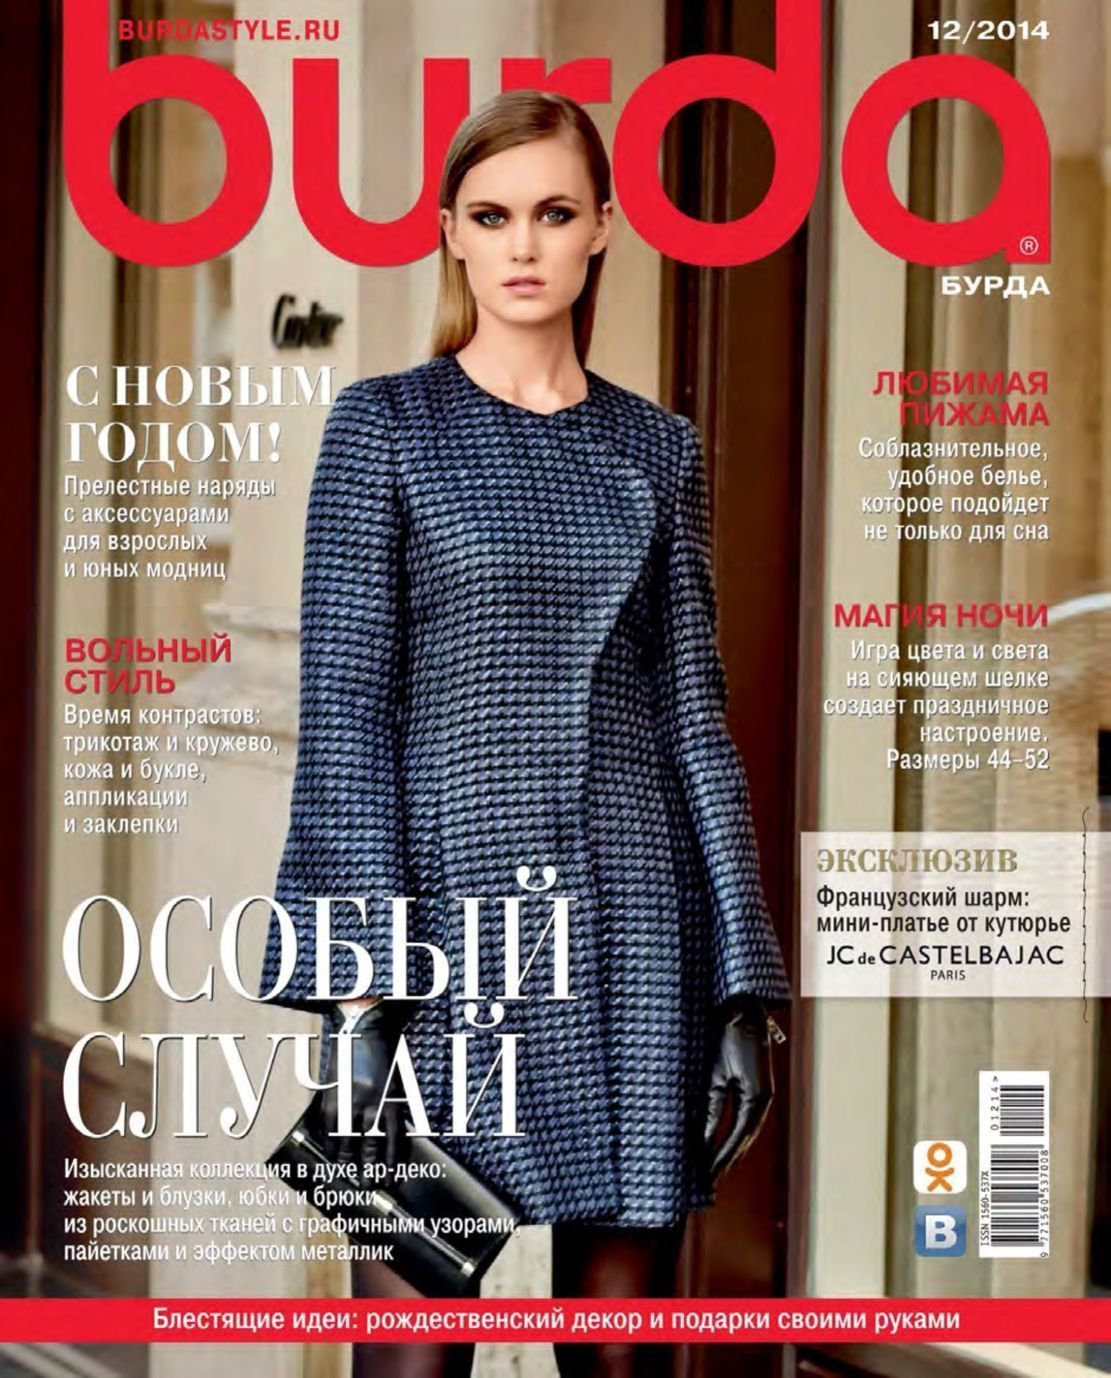 Журнал Burda Moden №  12/2014, Выкройки для шитья, Москва,  Фото №1